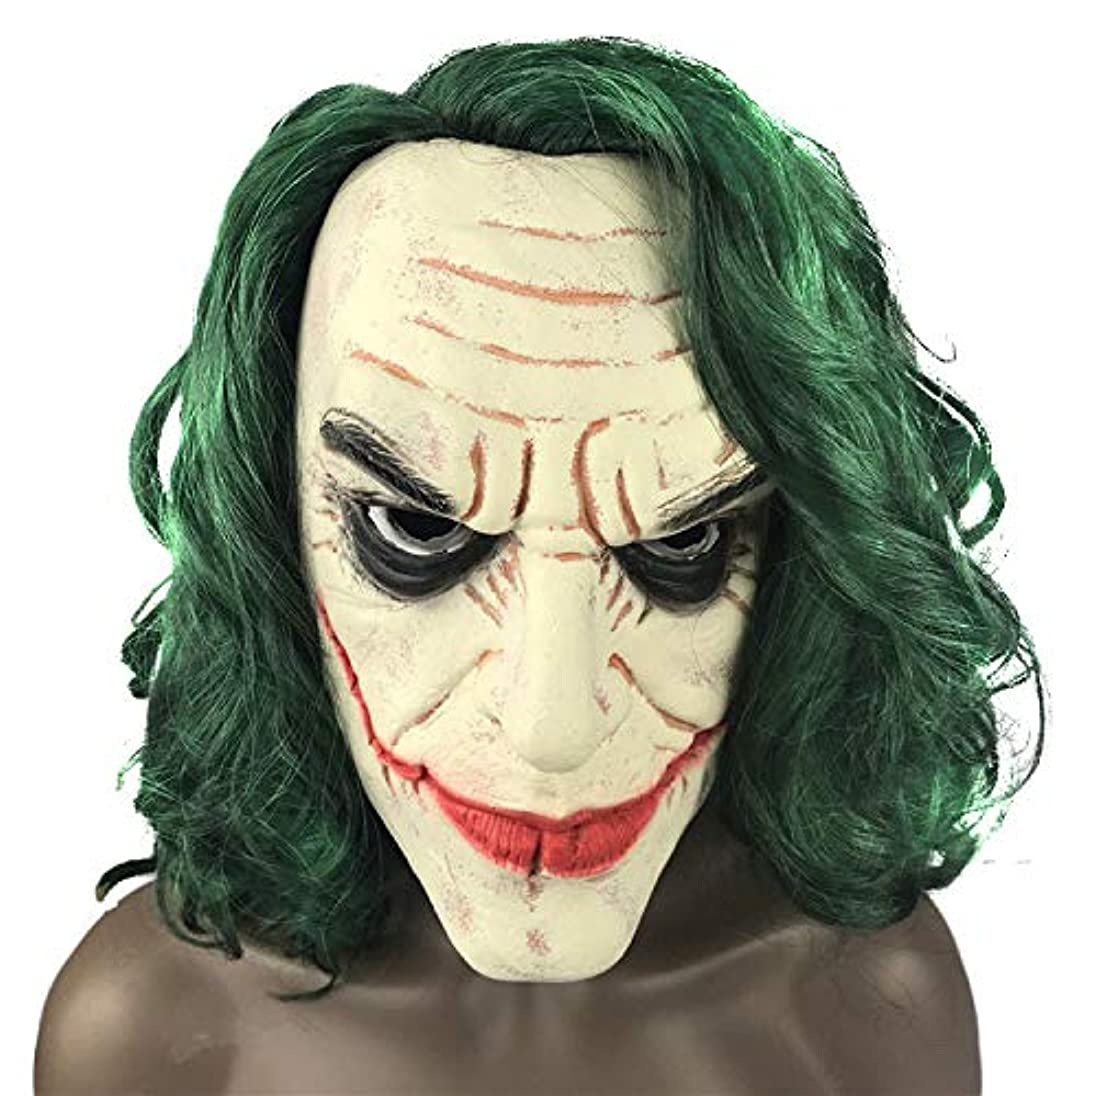 証言十非常に怒っていますバットマンピエロマスク男性ホラーボールCosドレスアップハロウィーンダークナイト映画ラテックスマスク